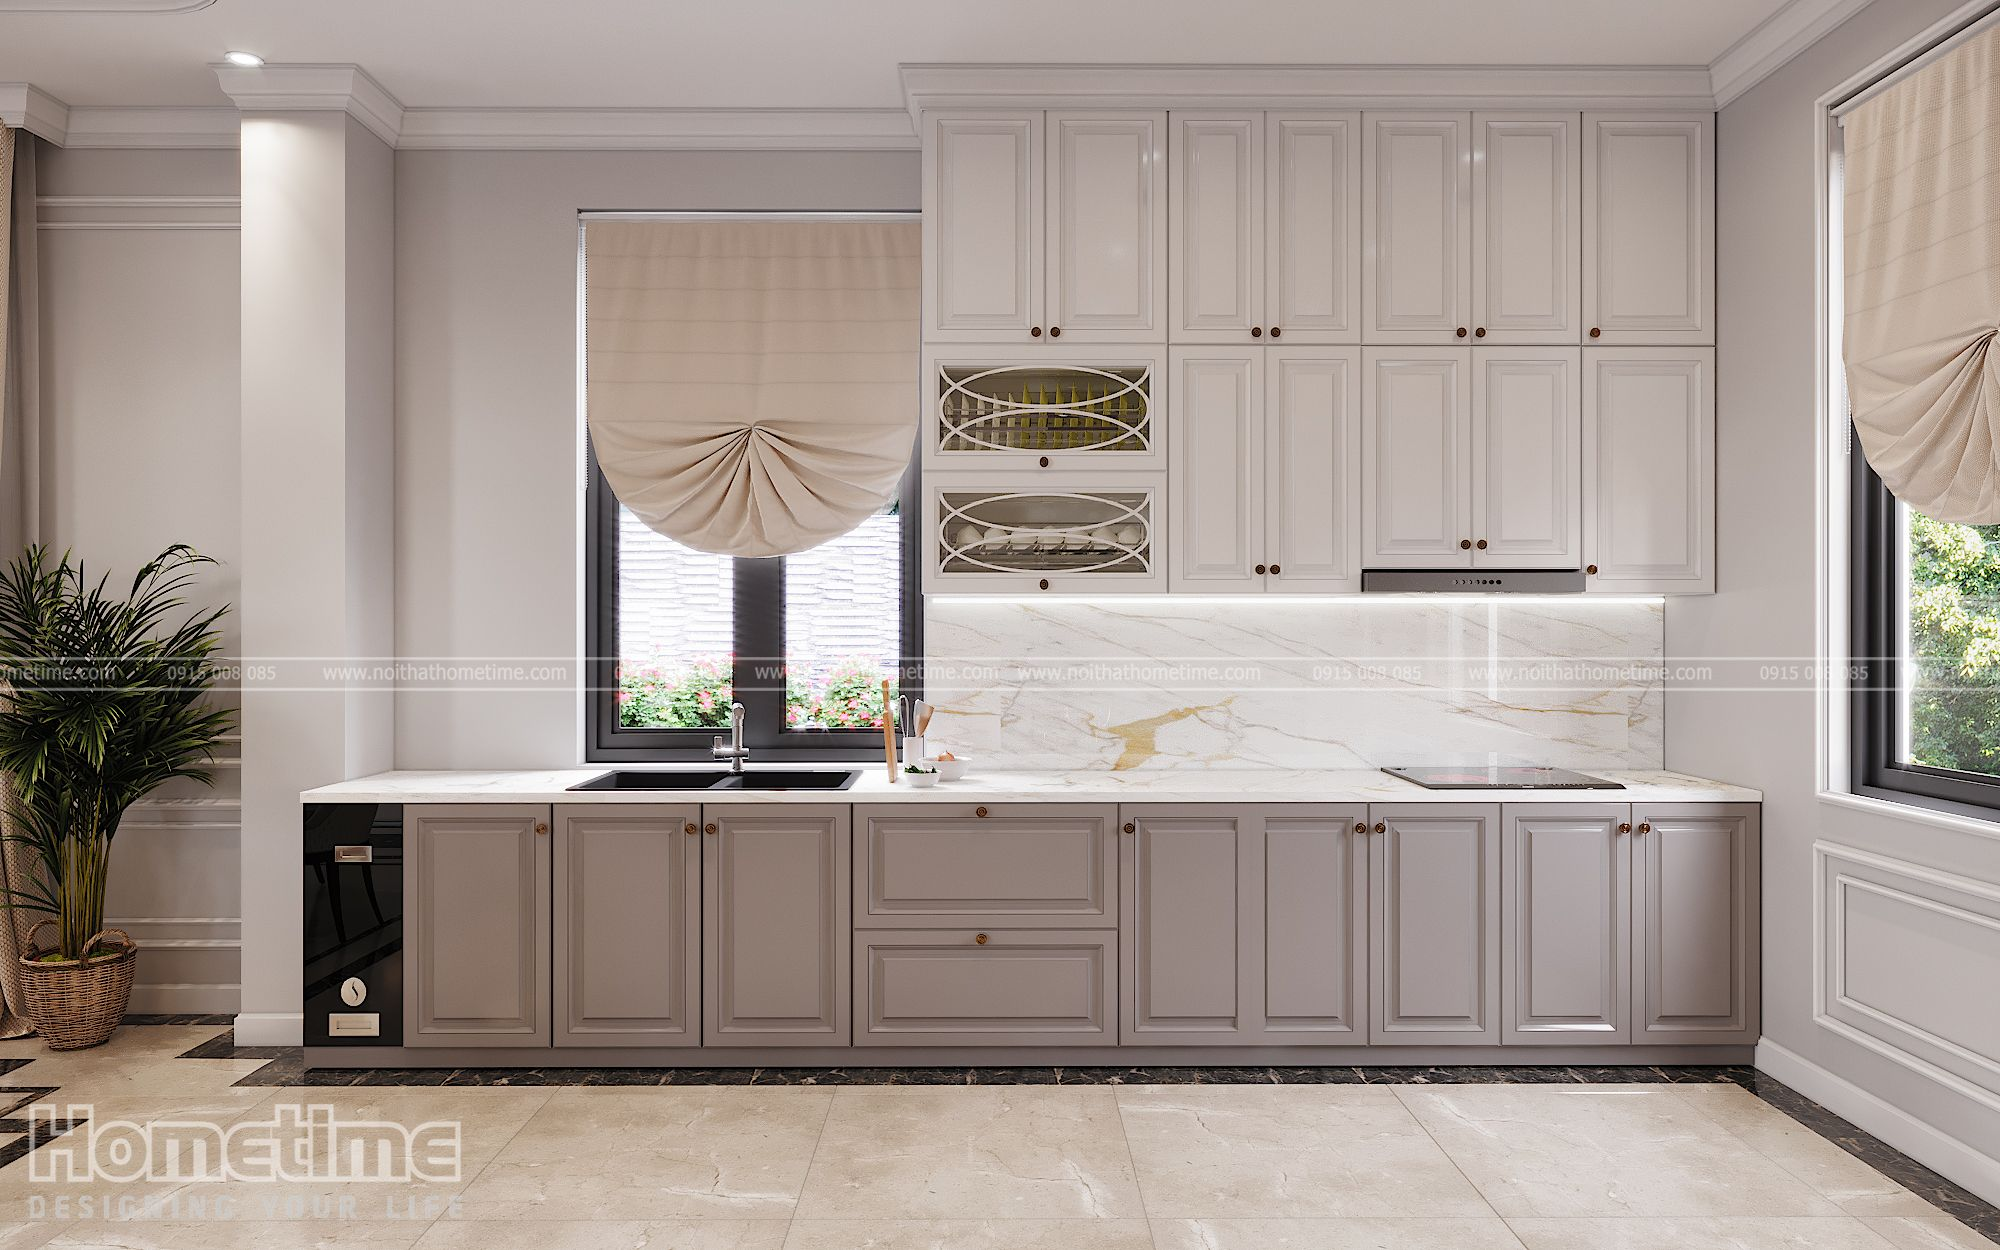 Tủ bếp Tân Cổ Điển biệt thự Vinhomes Marina Hải Phòng